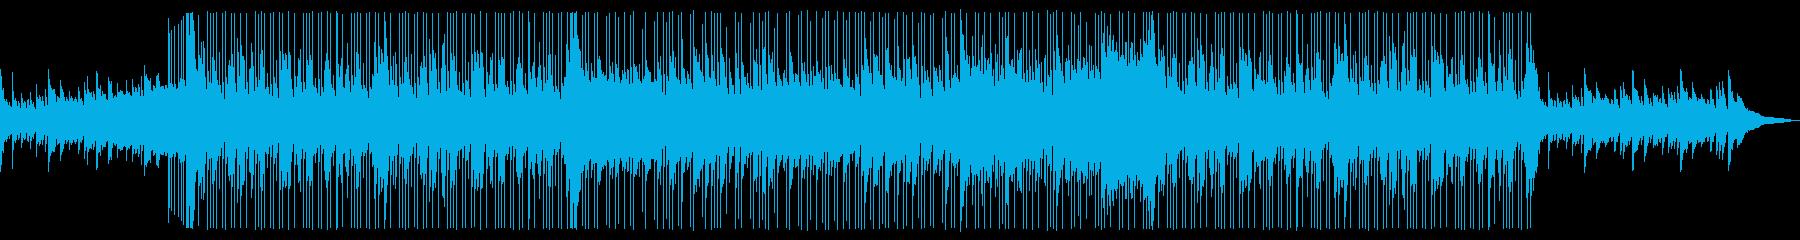 夏らしく爽やかなBGMですの再生済みの波形